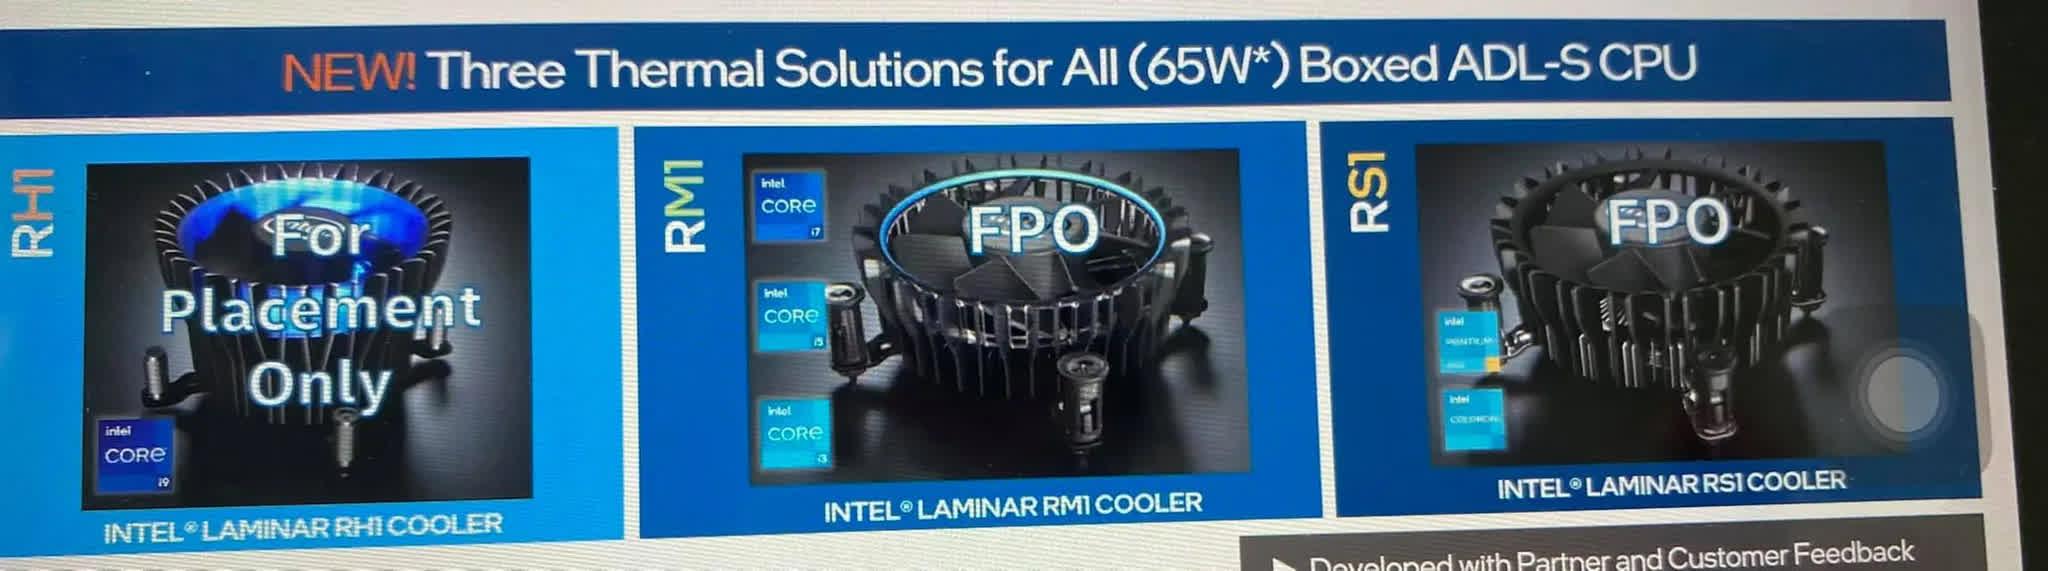 Intel experimente de nouvelles conceptions de refroidisseurs de stock pour